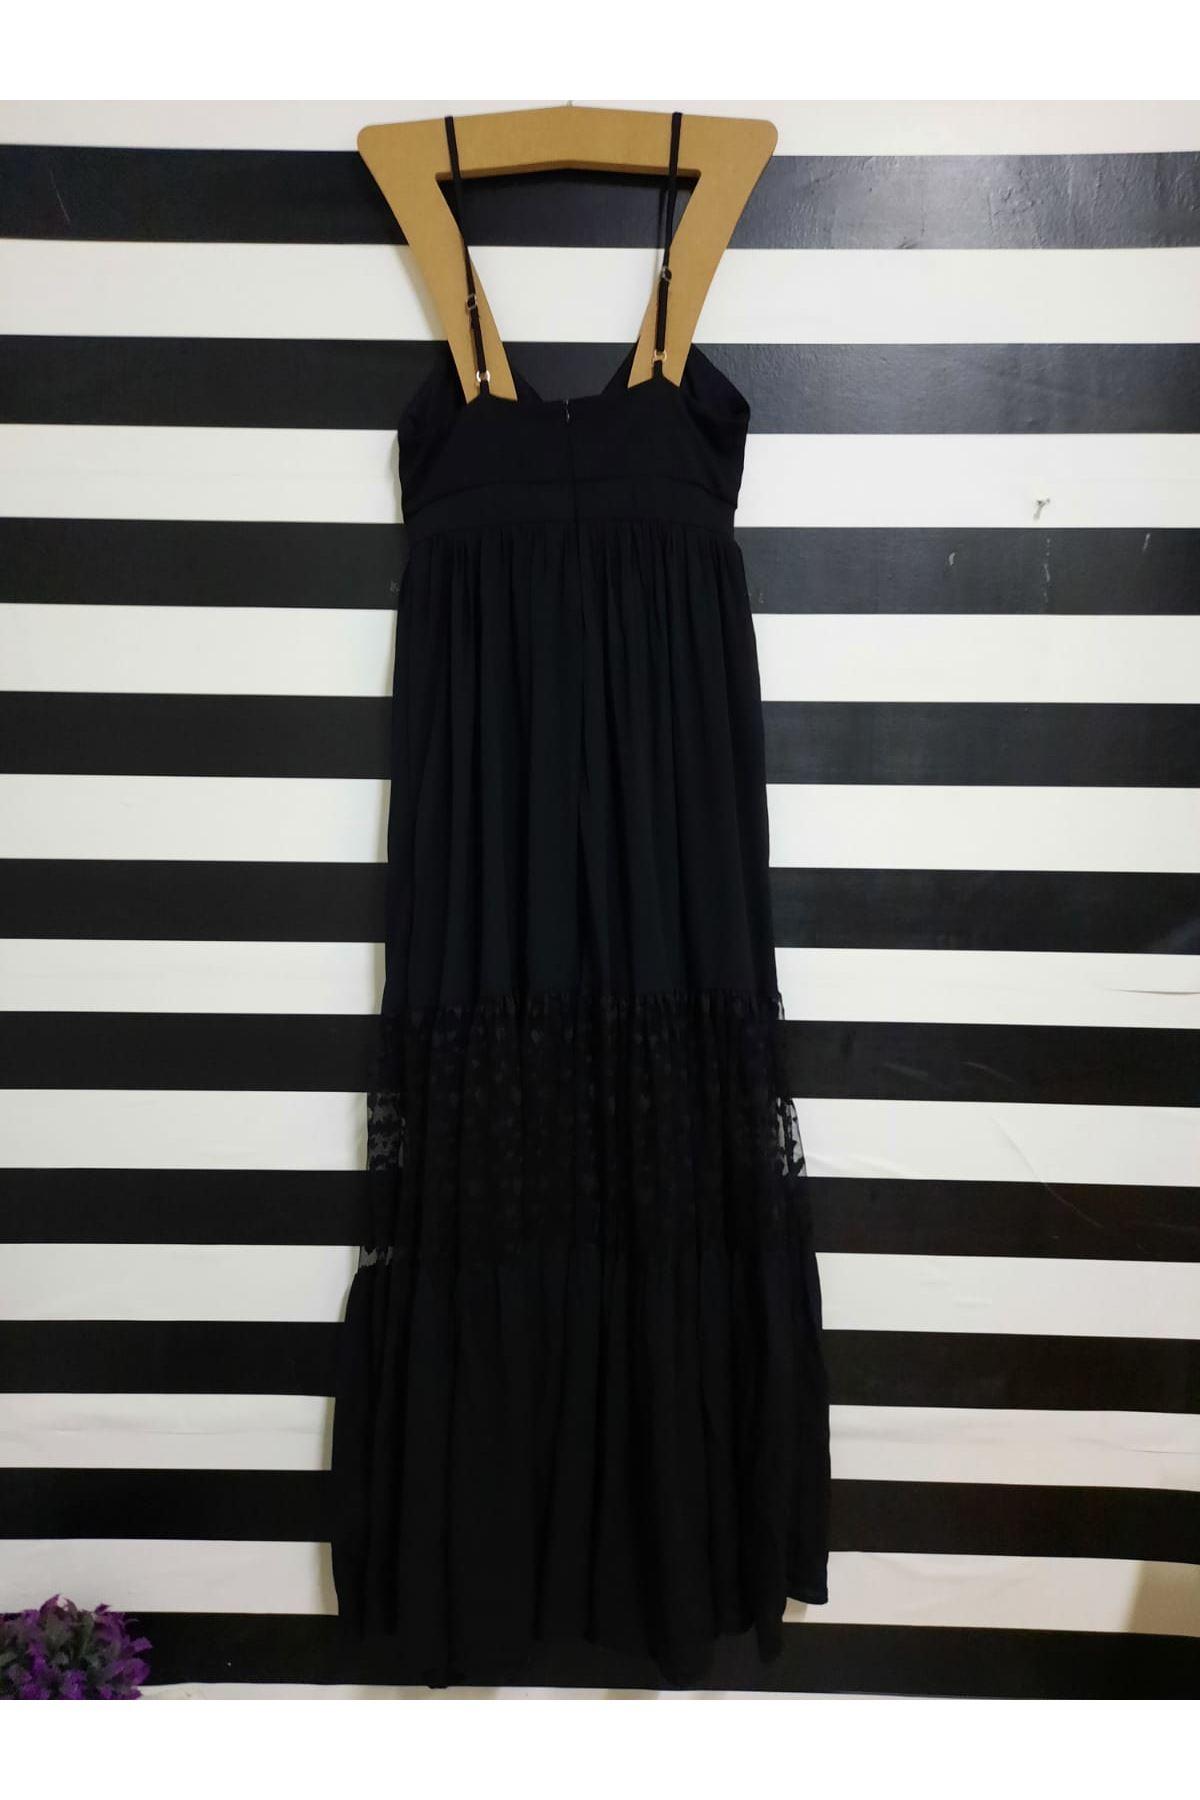 Dantel Detaylı Askılı Elbise - SİYAH